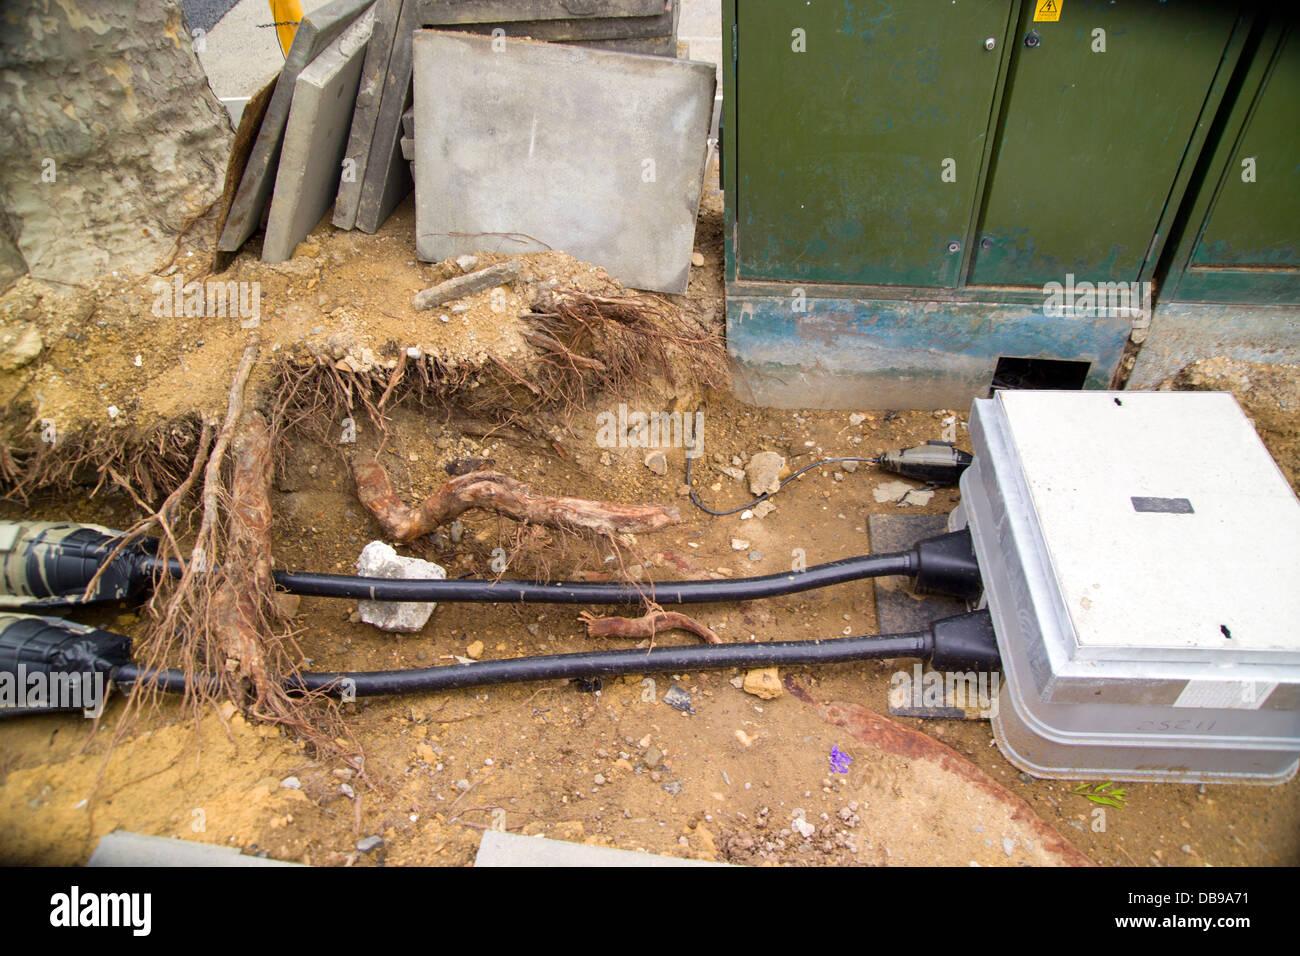 hight resolution of power line underground works in street open underground works junction boxes